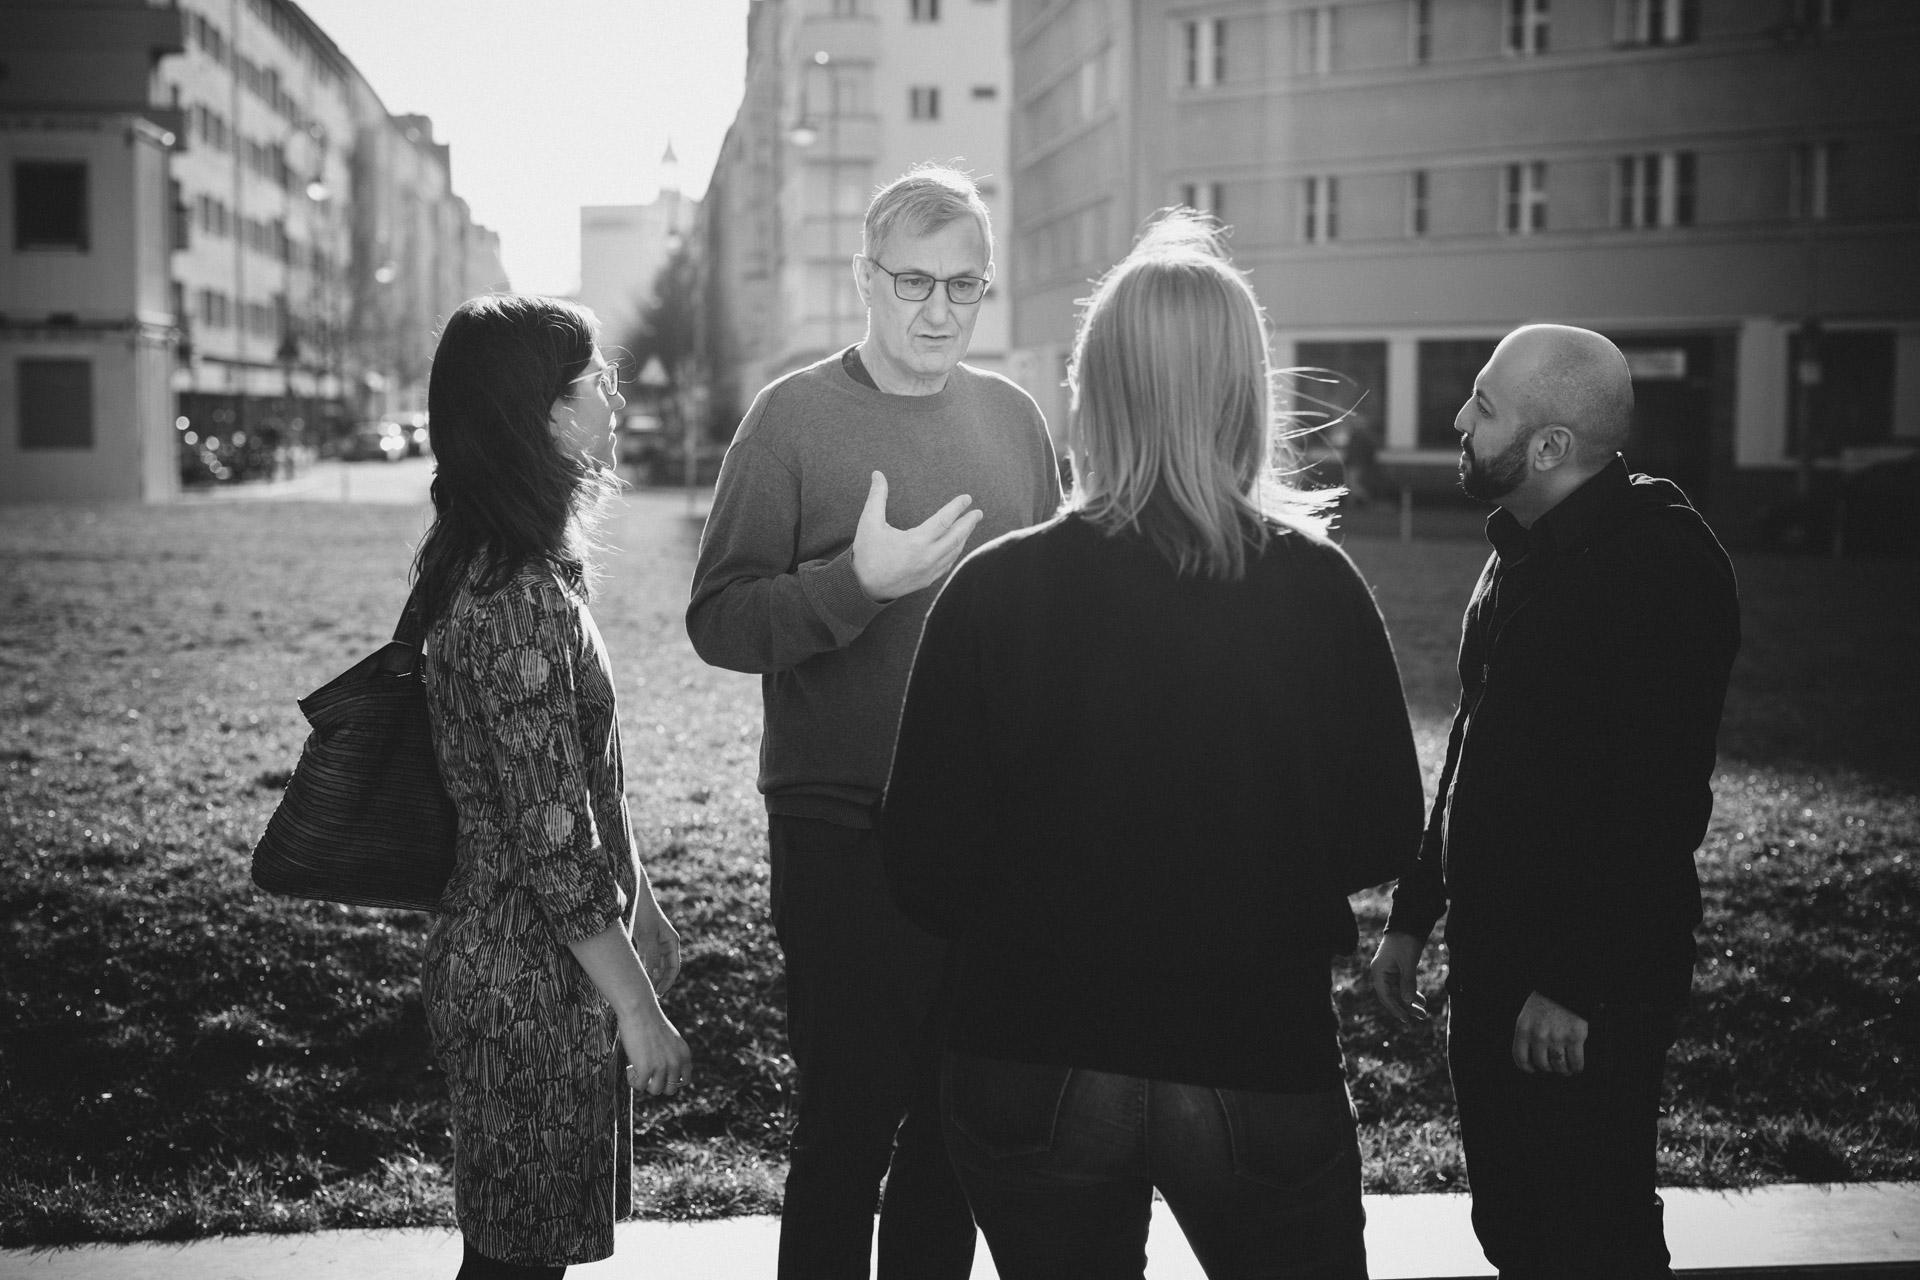 Reportage Politik: Parteivorsitzender Bernd Riexinger unterhält sich mit Gruppe